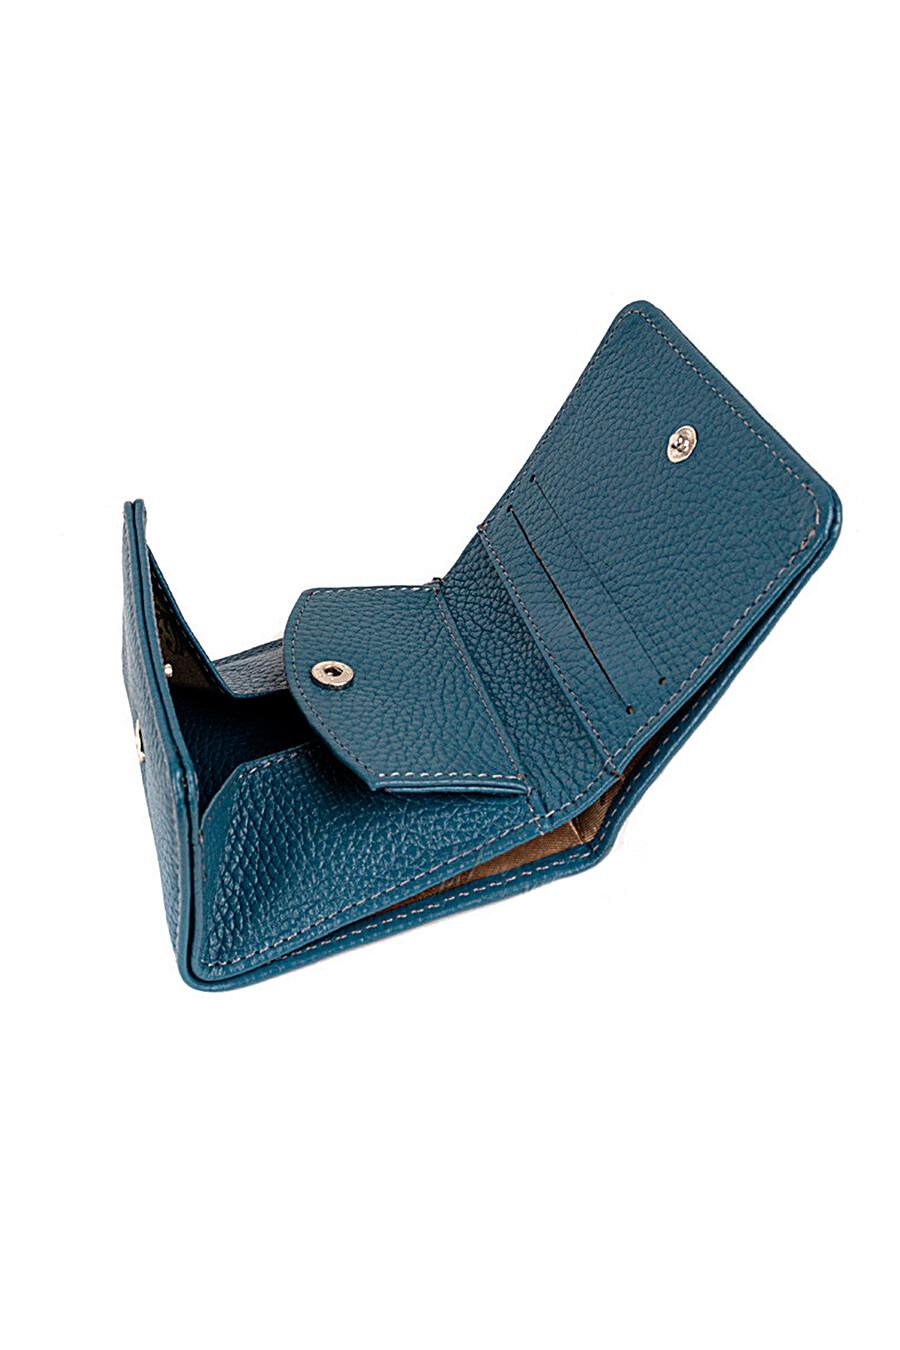 Кошелек для женщин L-CRAFT 667995 купить оптом от производителя. Совместная покупка женской одежды в OptMoyo